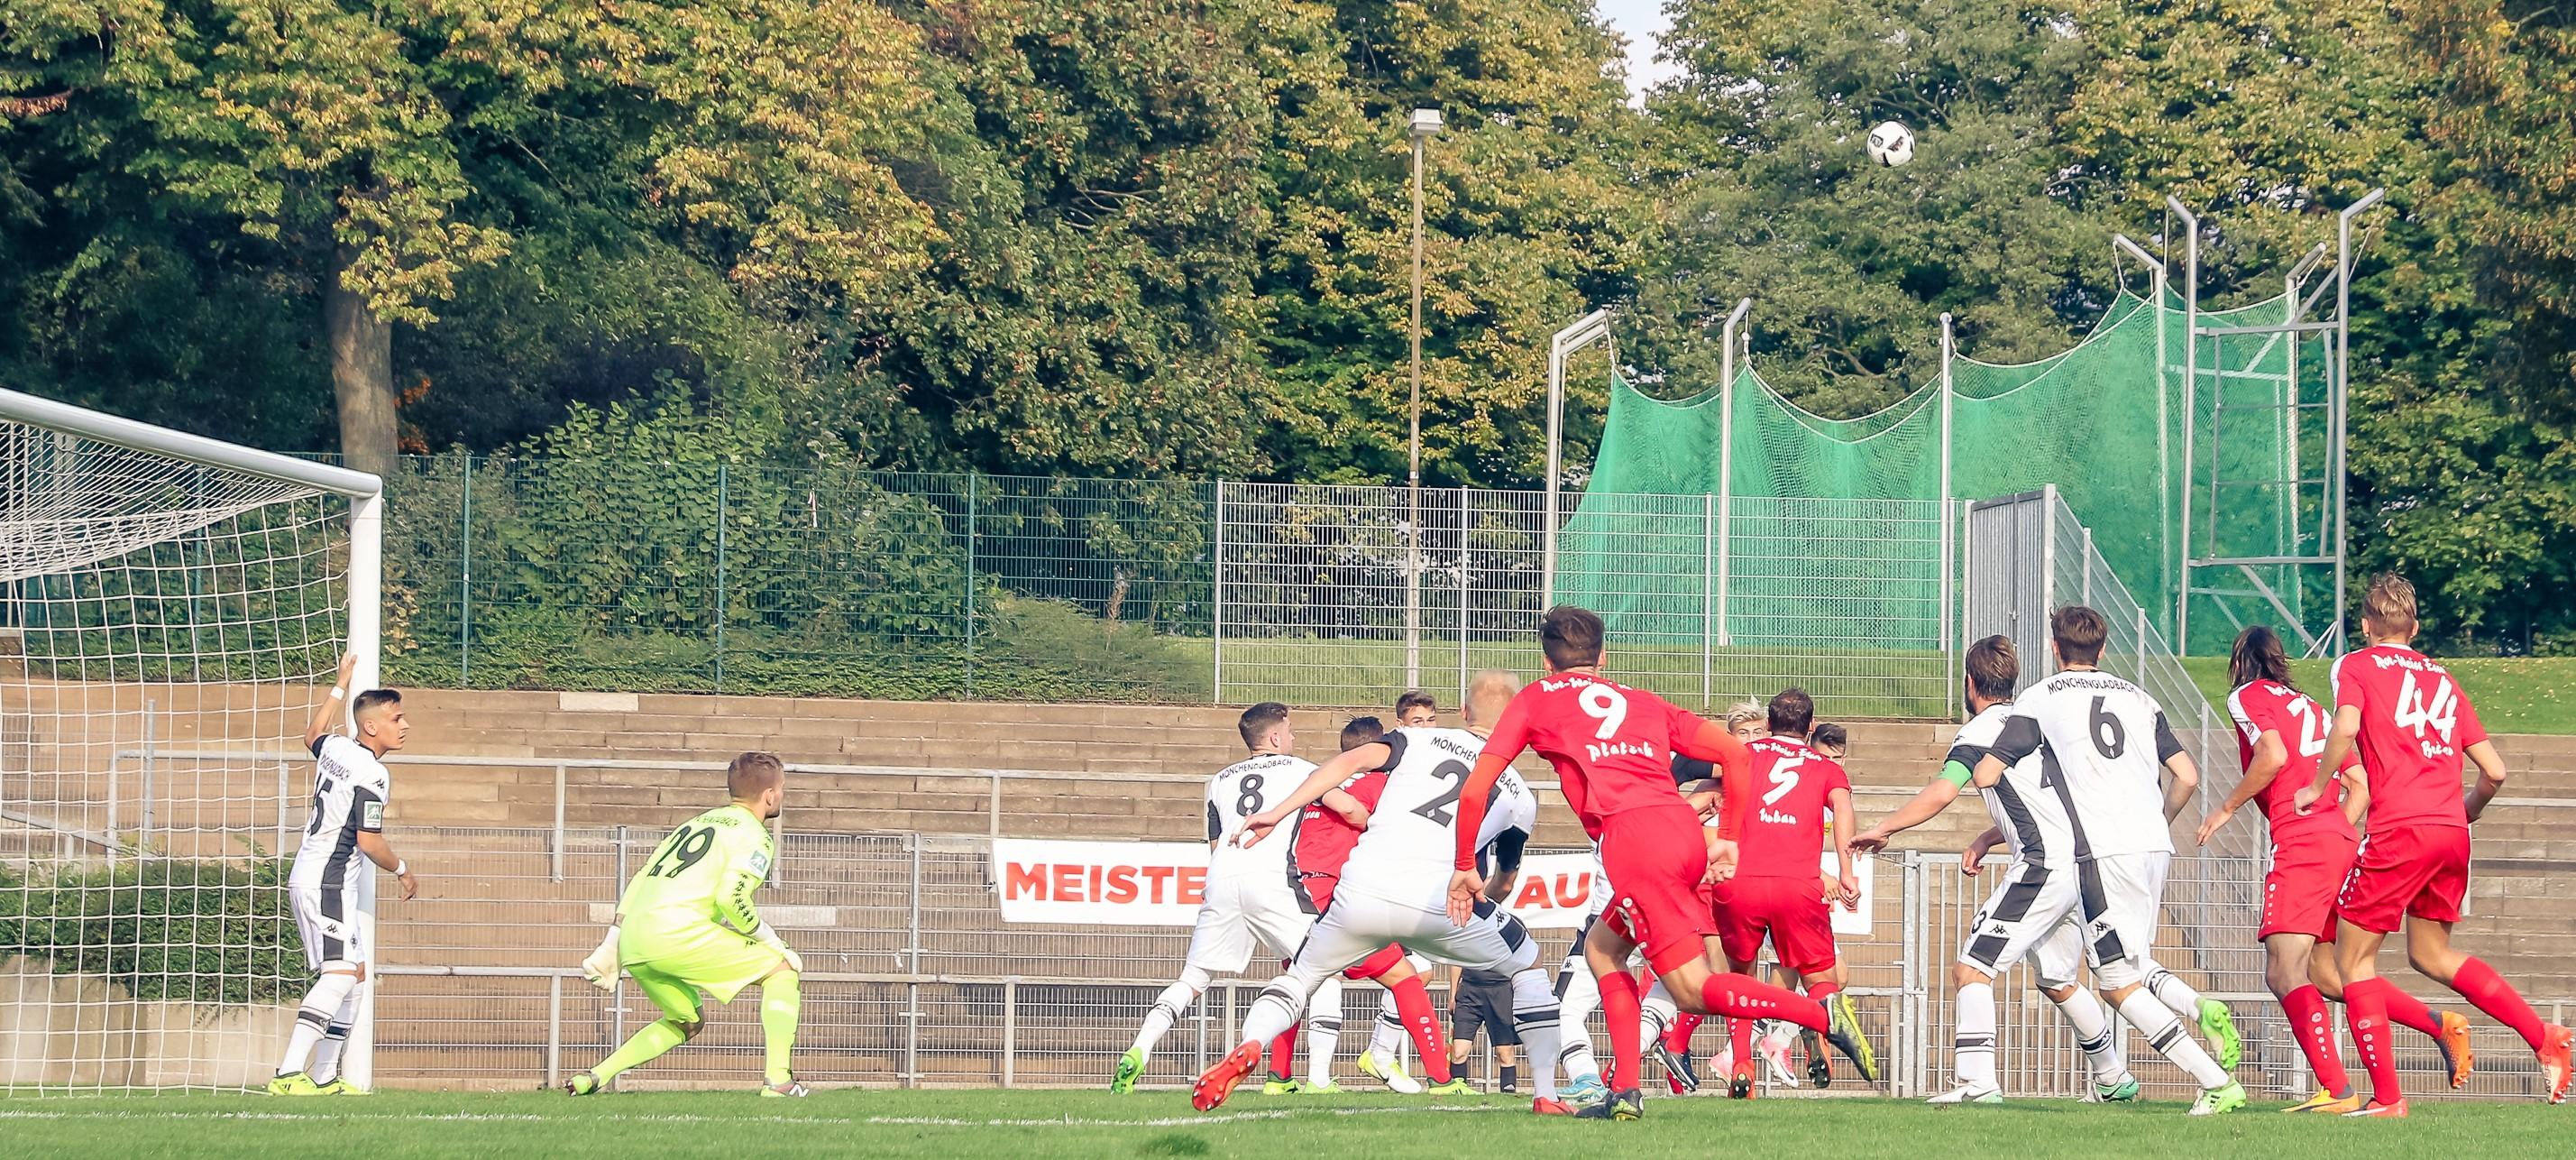 Die Fohlen zählen zu den spielstärksten Teams der Liga. (Foto: Endberg)